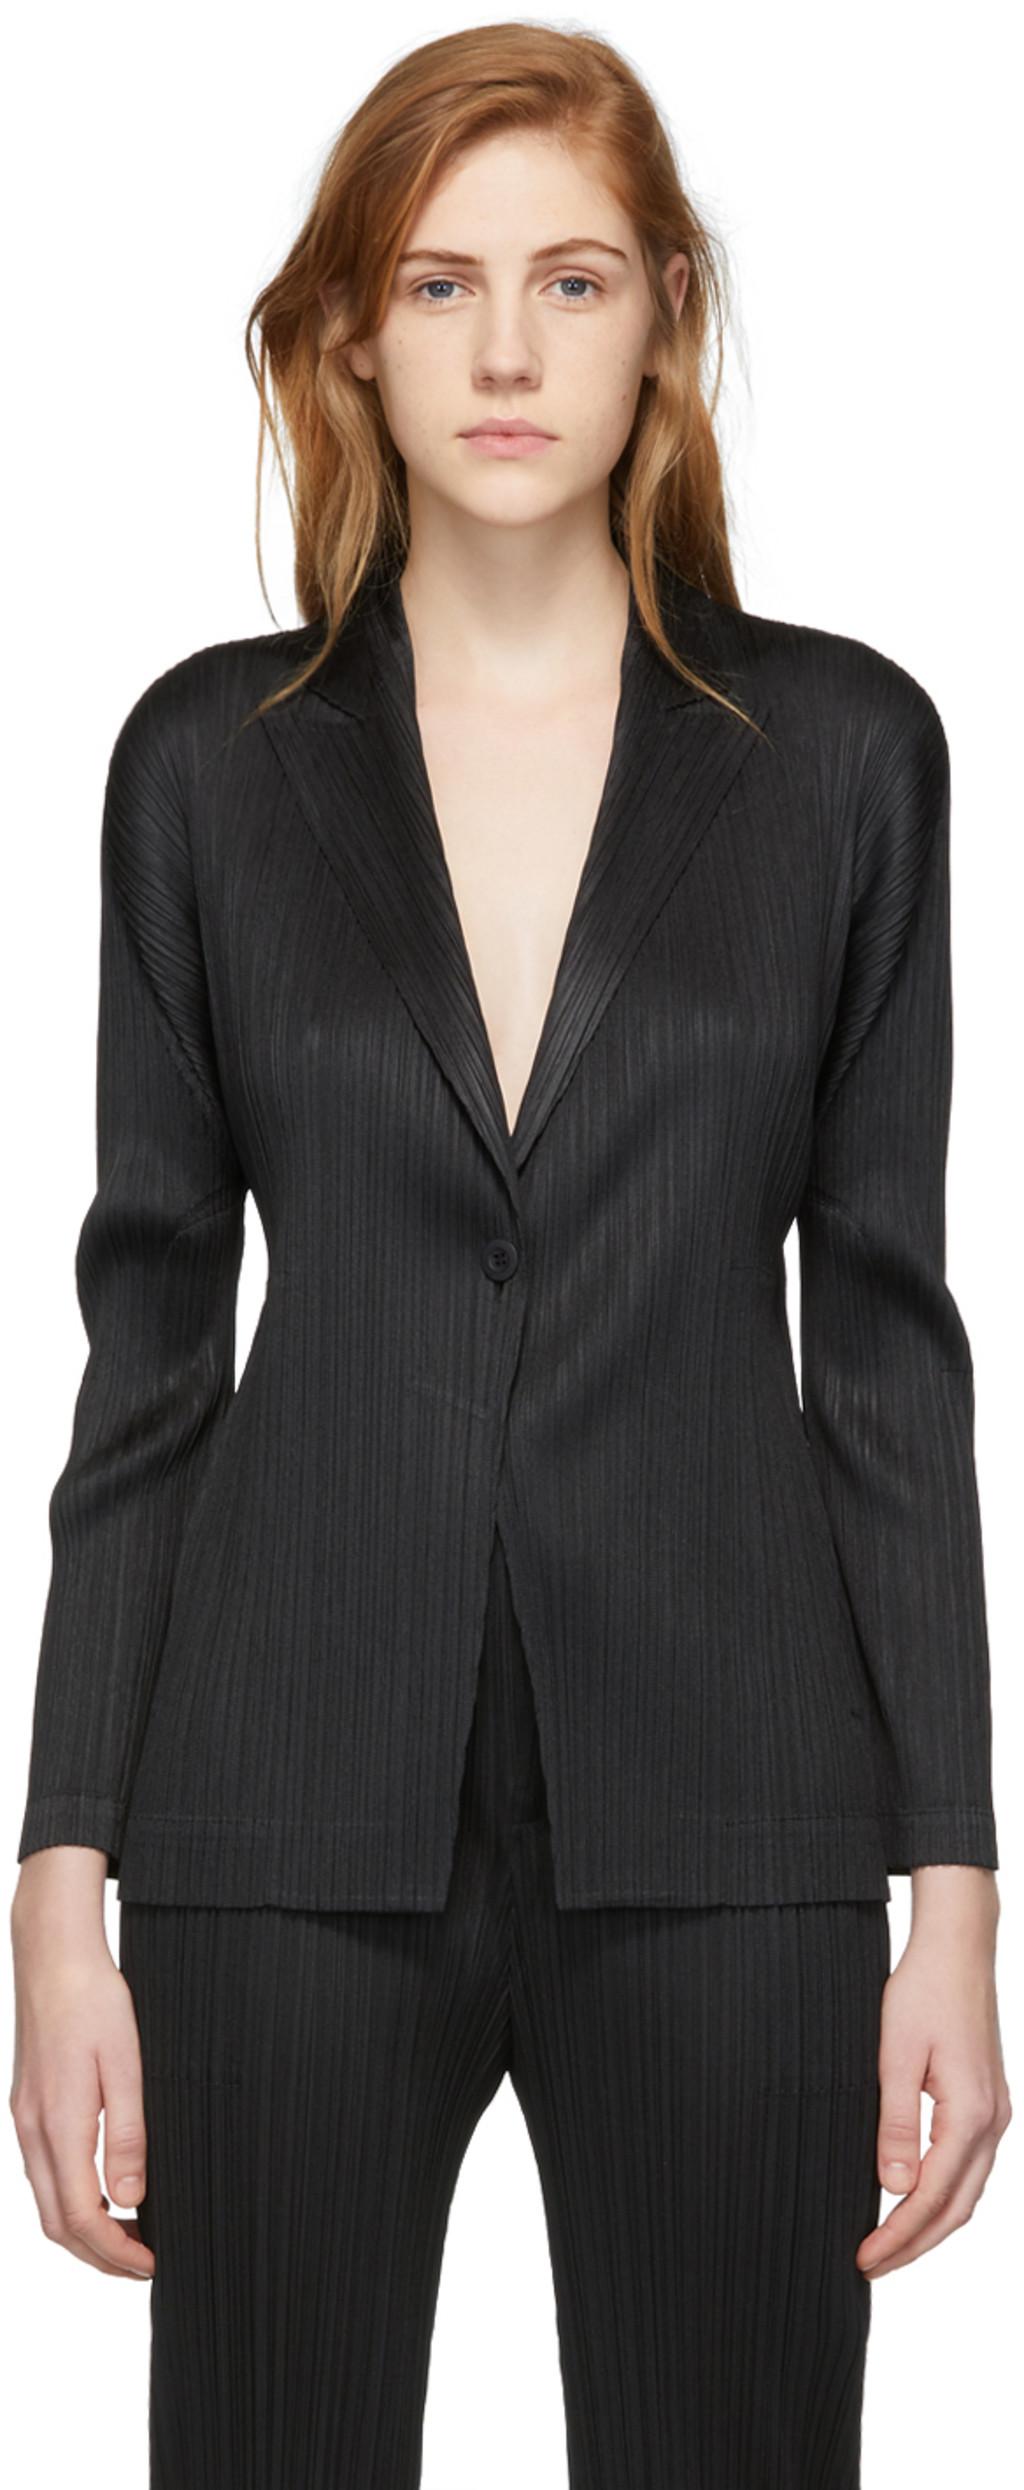 baac1e4bff58 Manteaux et vestes de créateurs pour Femmes   SSENSE Canada